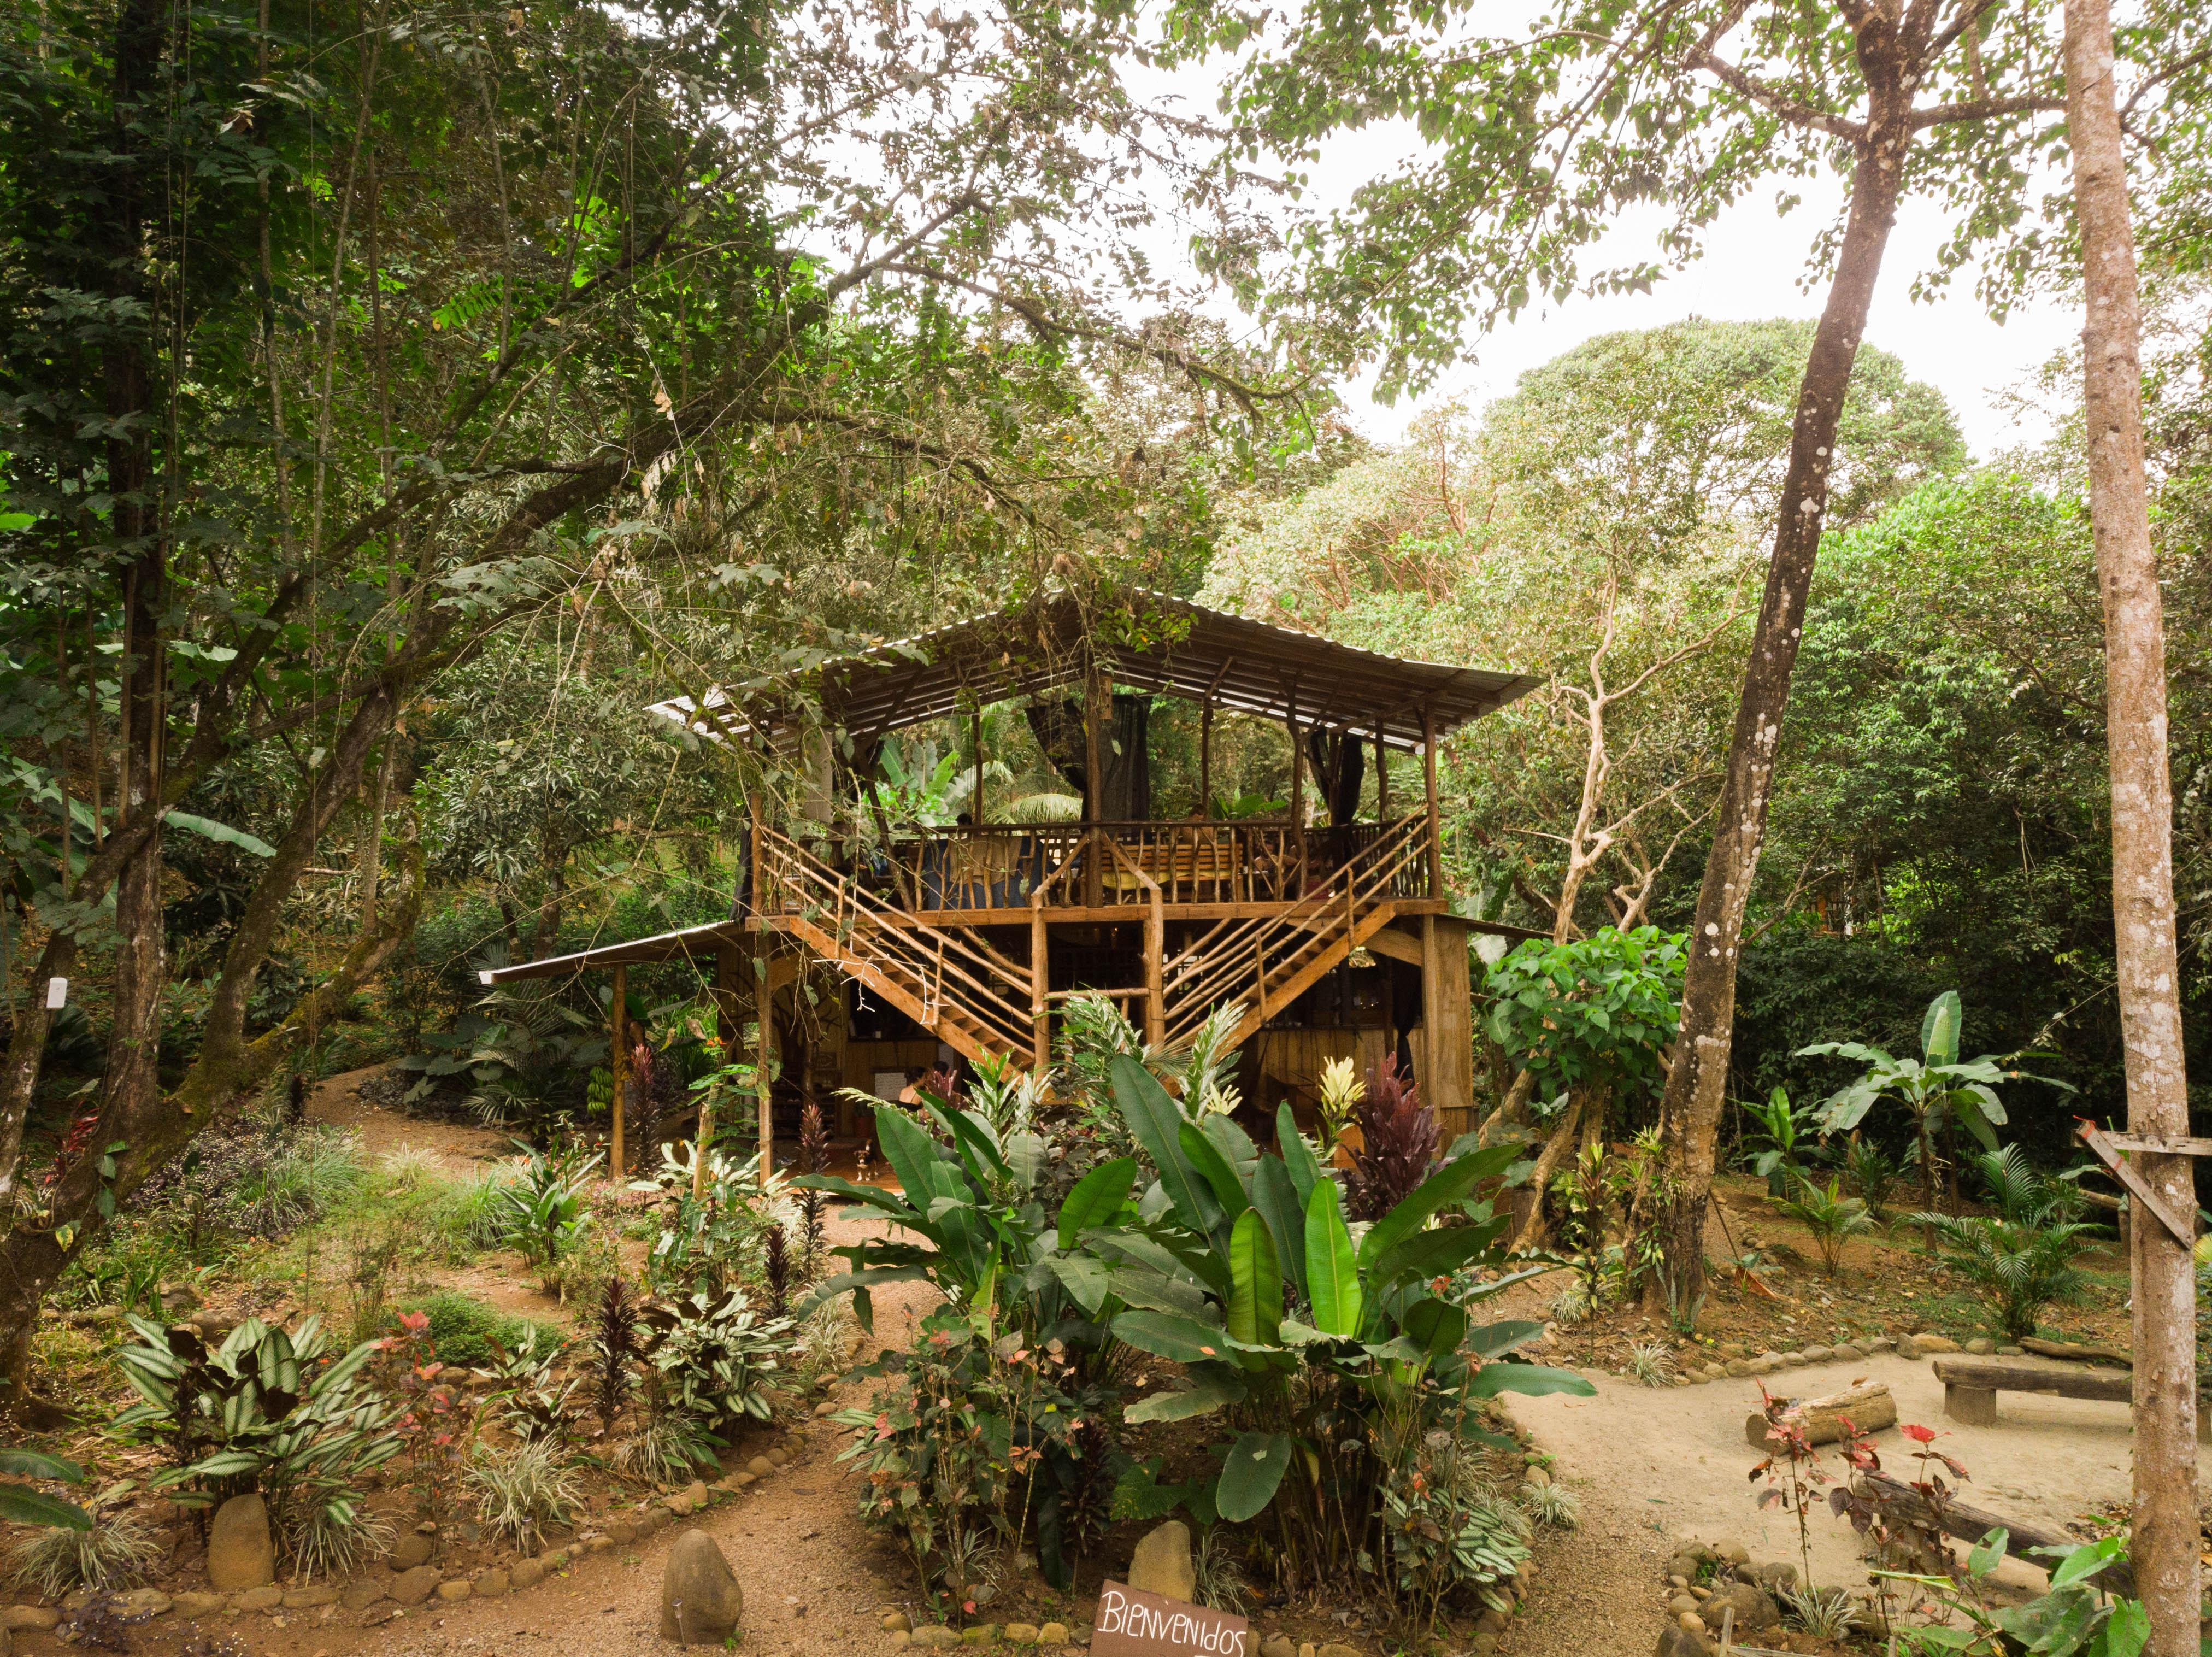 Cascada Elysiana Eco Lodge and Retreat Center Photo